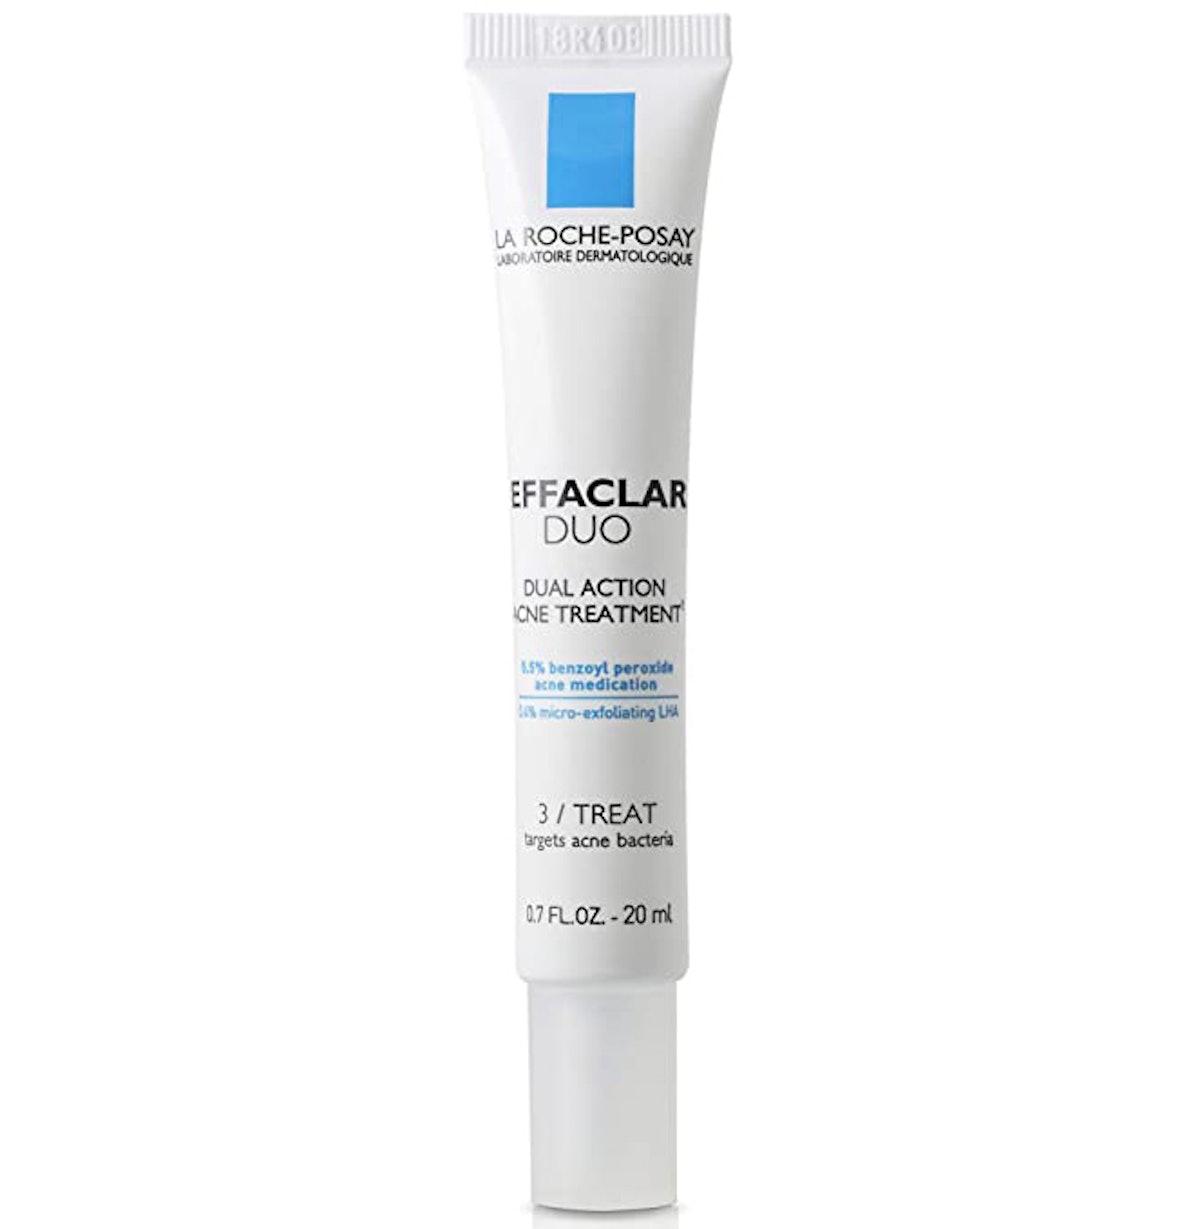 La Roche-Posay Effaclar Duo Dual Action Acne Treatment